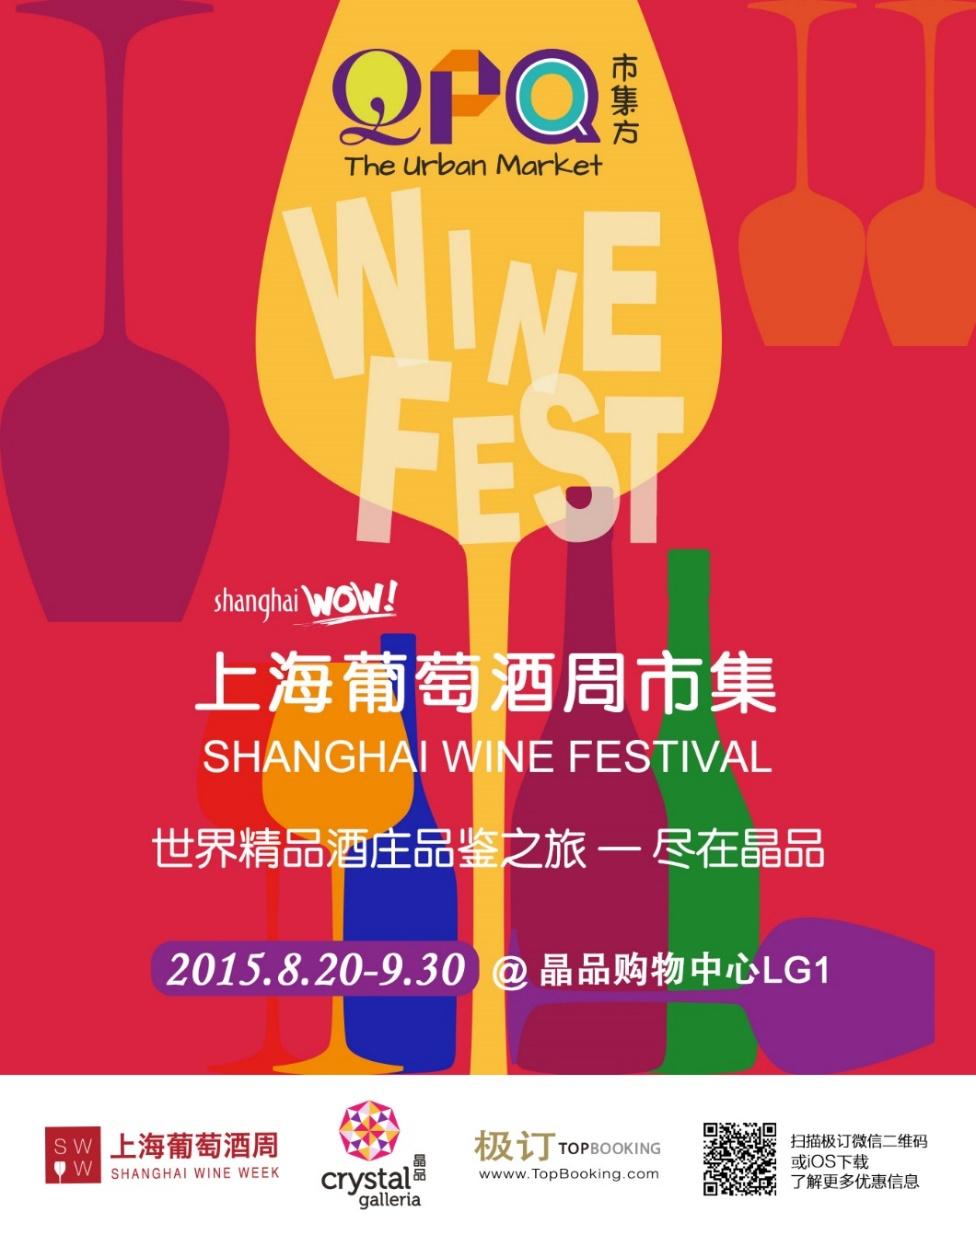 2015上海葡萄酒周市集世界精品酒庄品鉴之旅尽在静安晶品